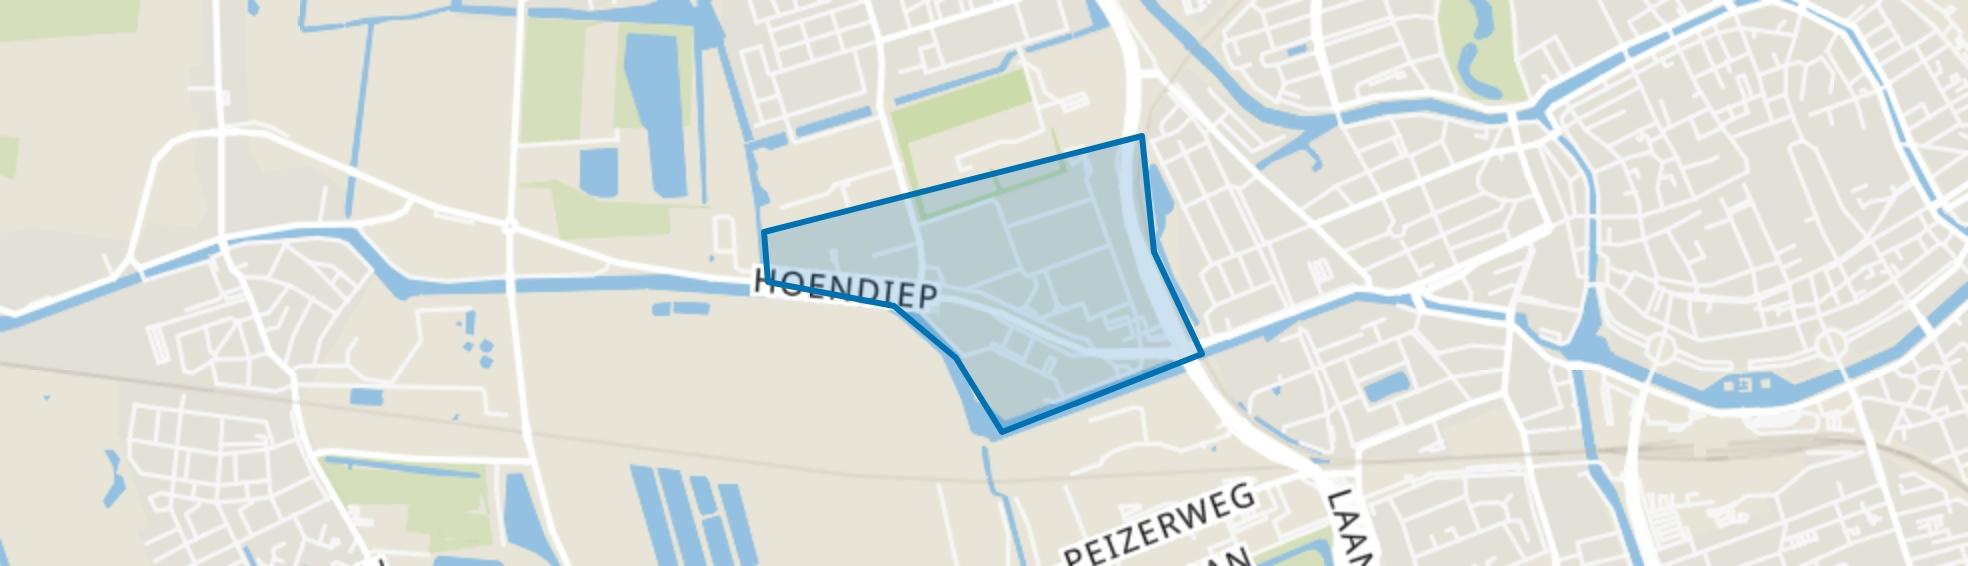 Hoendiep, Groningen map